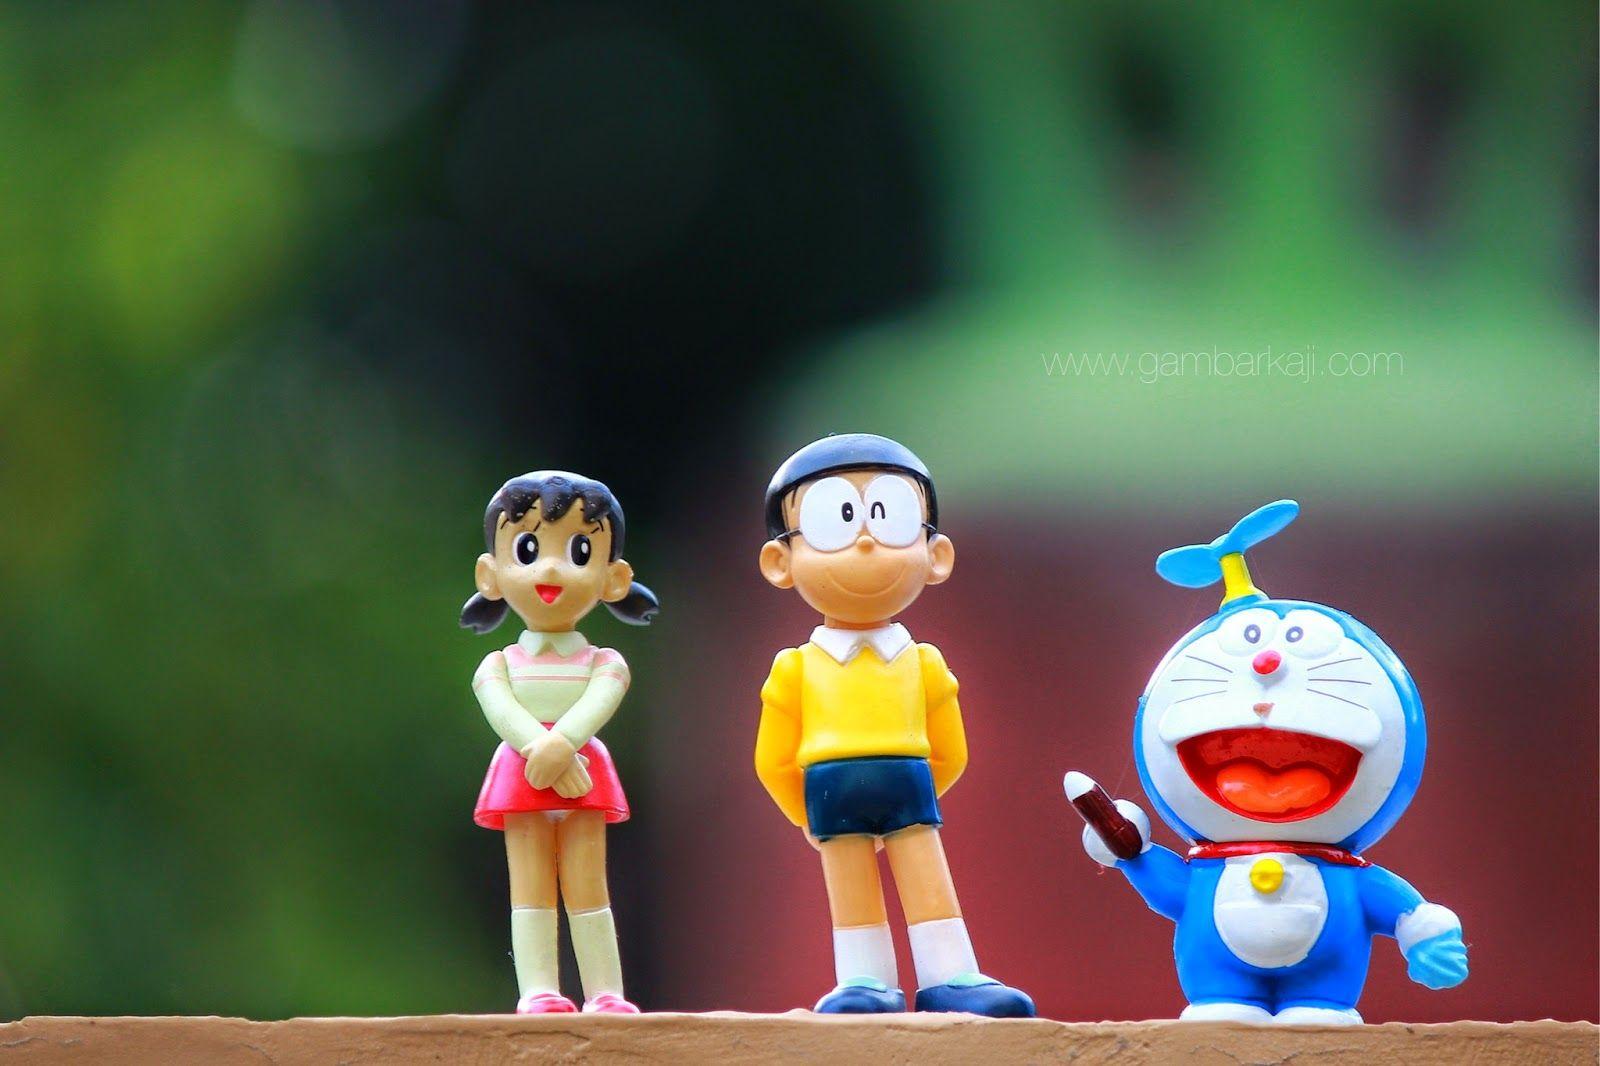 Stand By Me Doraemon Wallpaper Doraemon Wallpapers Cartoon Wallpaper Hd Cute Cartoon Wallpapers Doraemon nobita wallpaper images